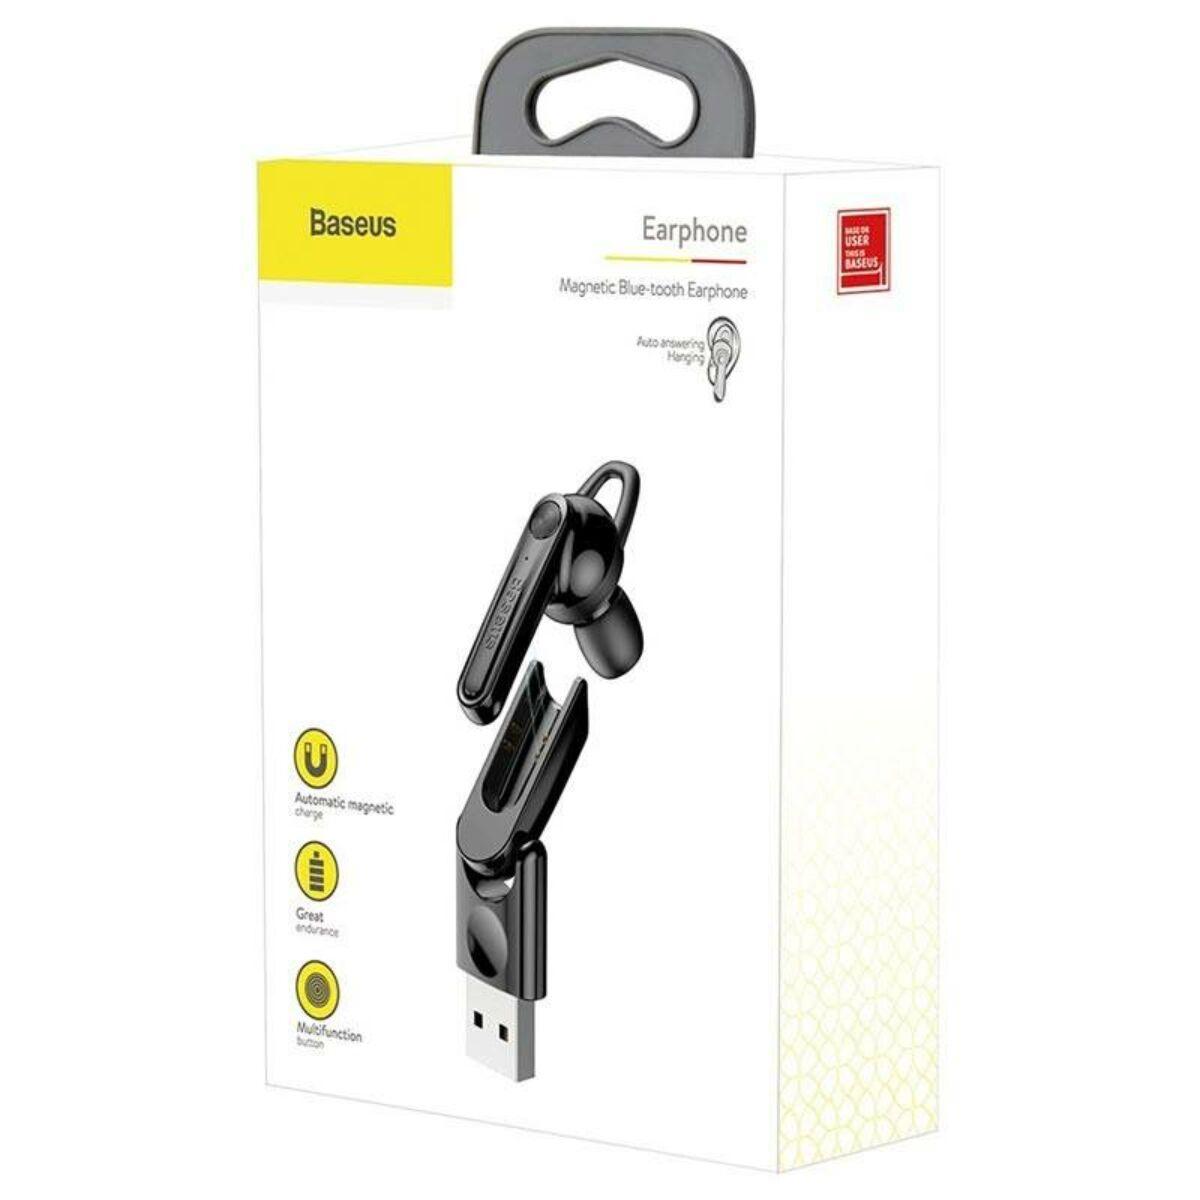 Baseus Headset Bluetooth, Magnetic USB töltőállomással, vezeték nélküli, fekete (NGCX-01)